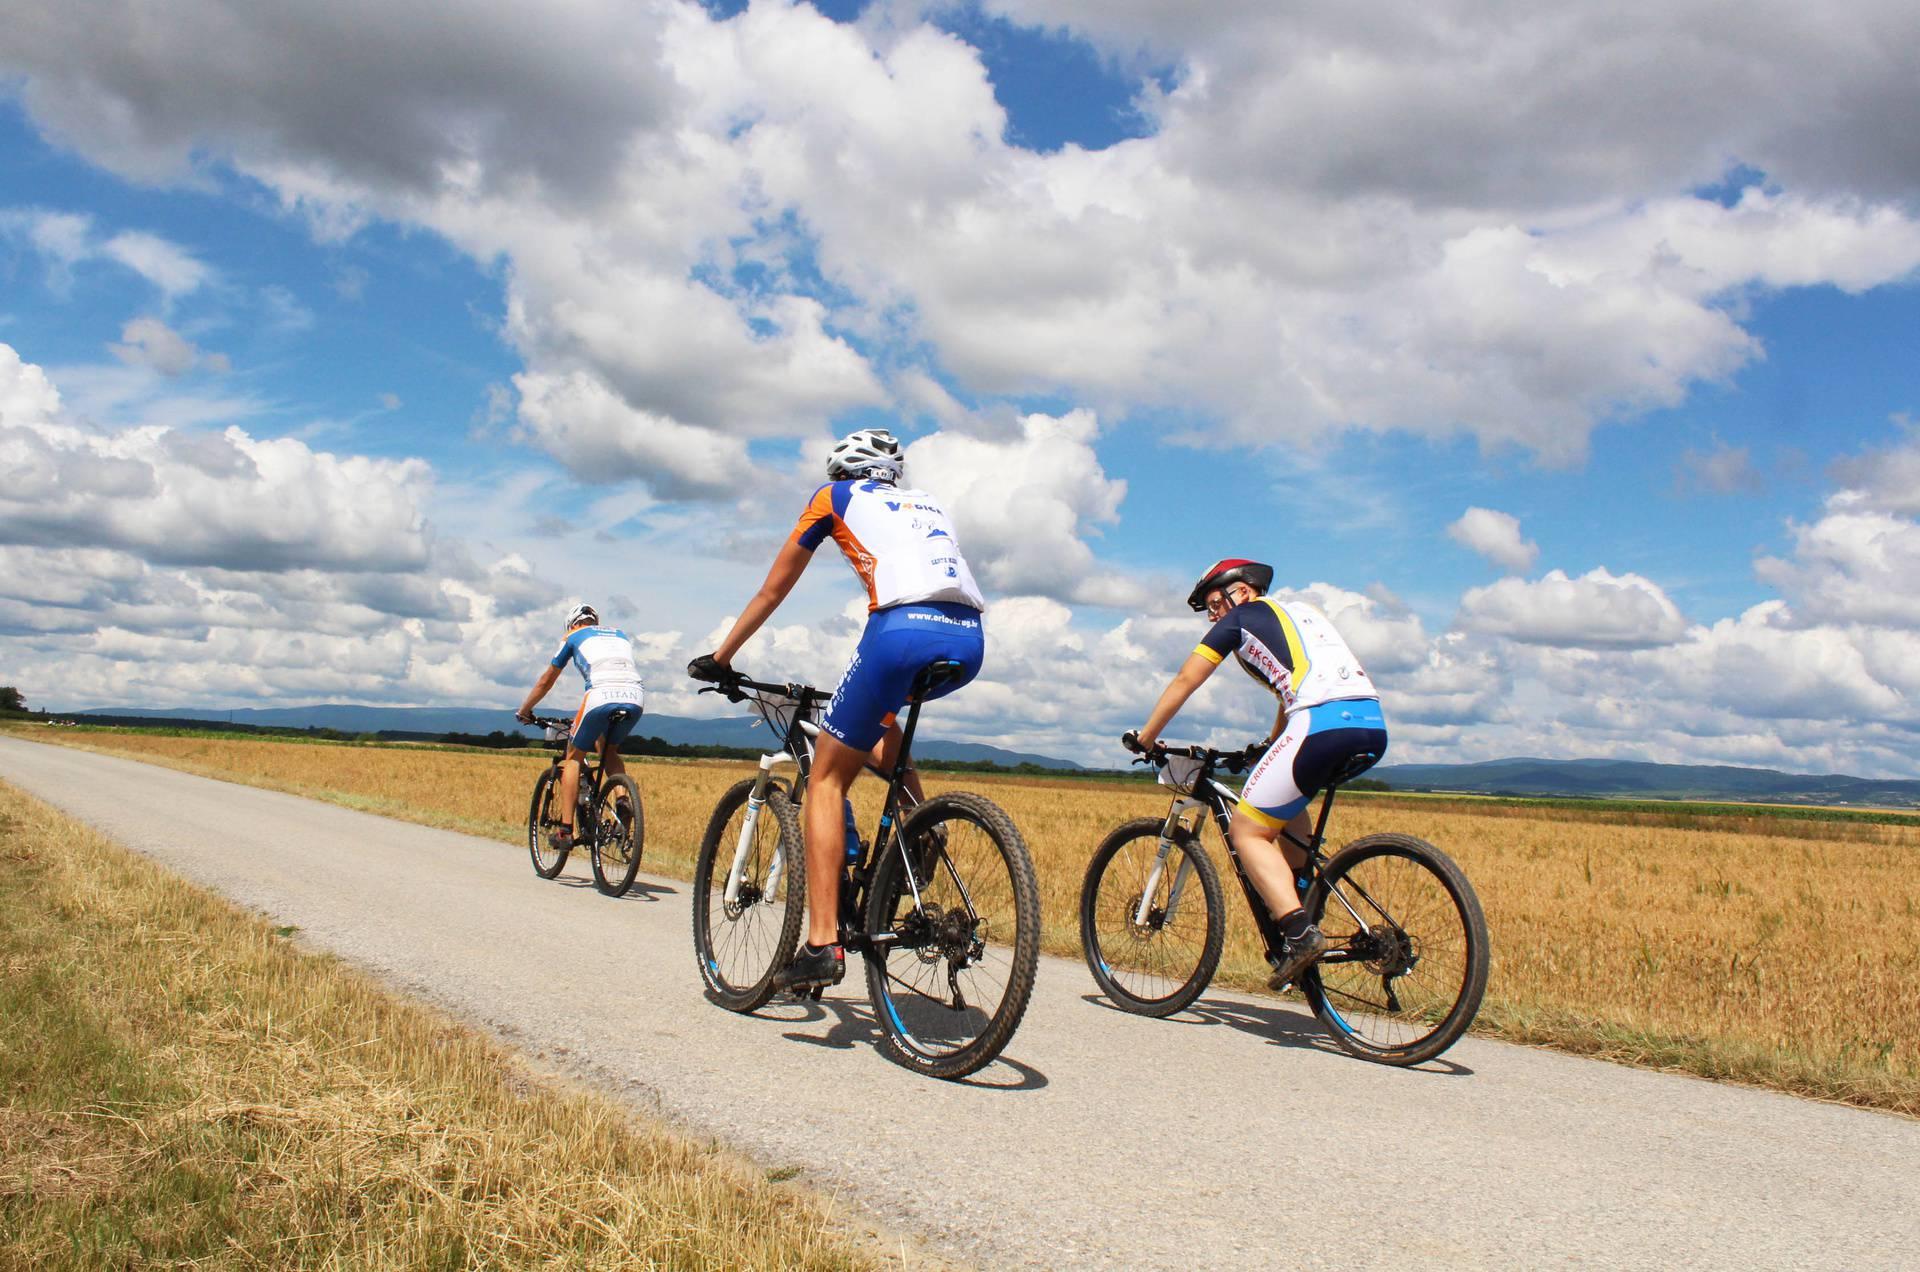 Otkrili smo prekrasnu zelenu destinaciju koja spaja biciklizam i hedonizam